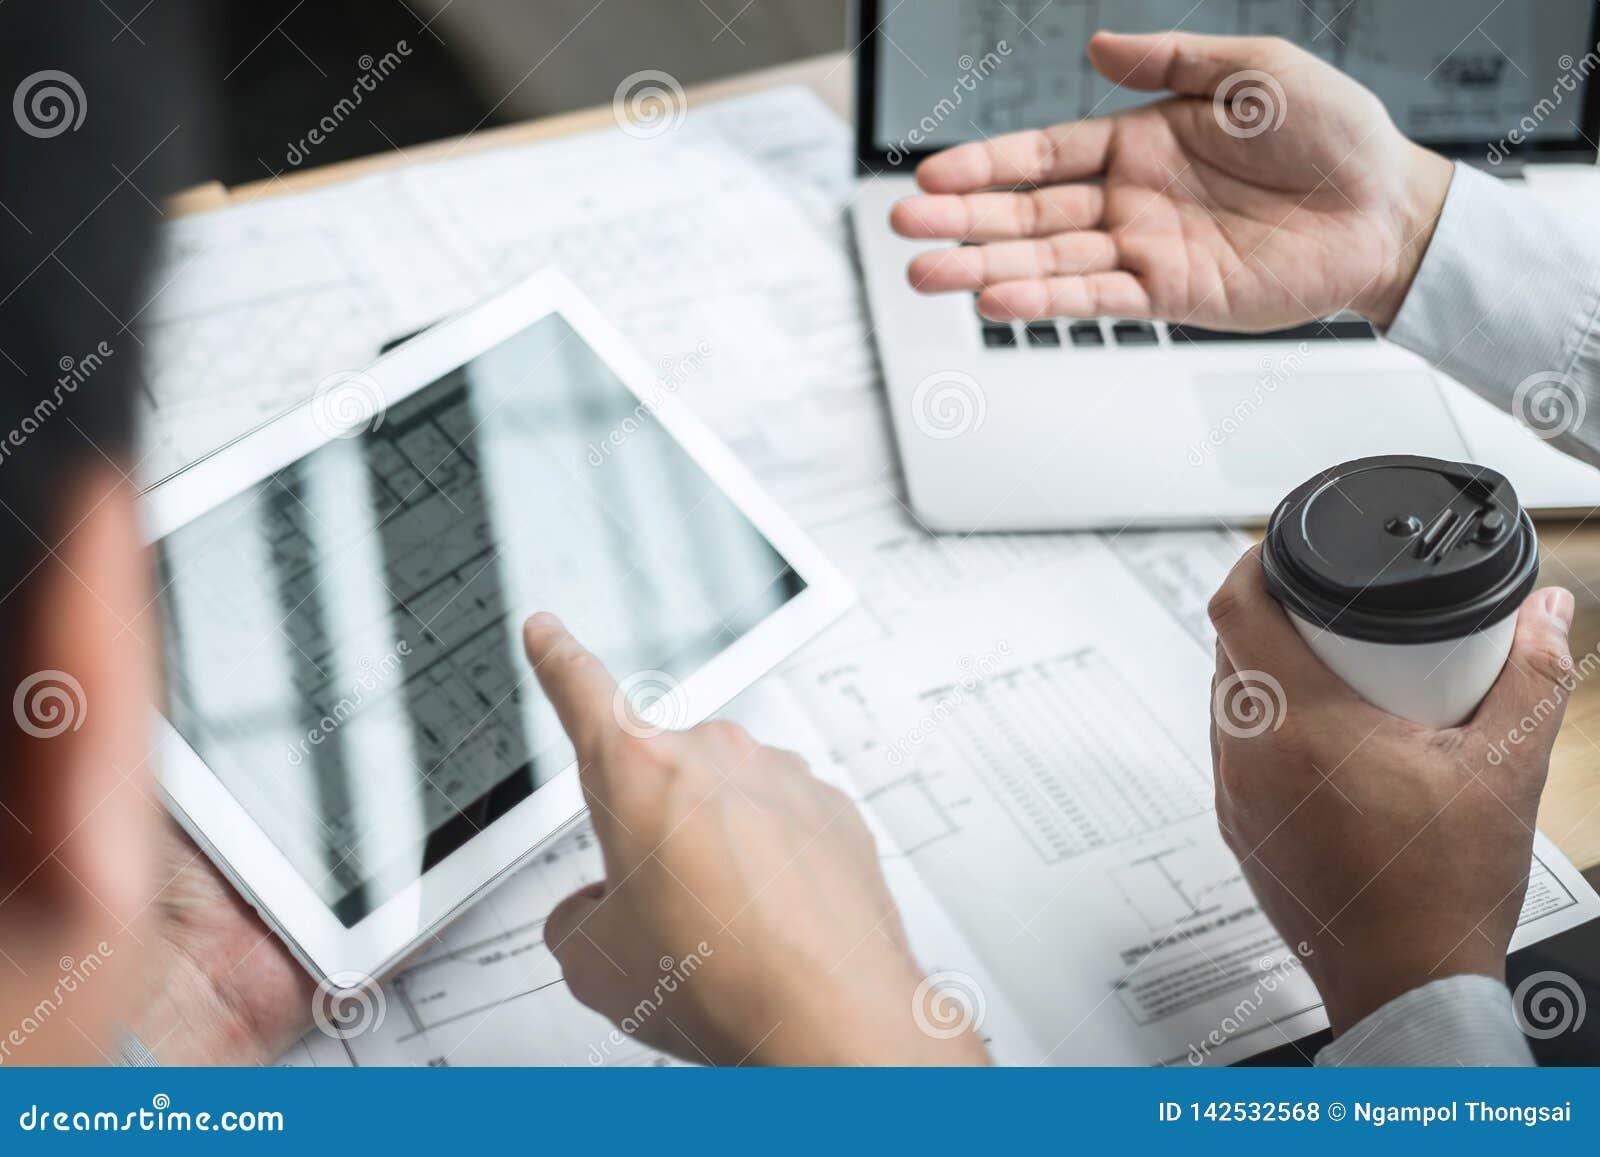 Lag av teknik- eller arkitektmötet och att diskutera på ritning och byggande modell, medan kontrollera information på att skissa